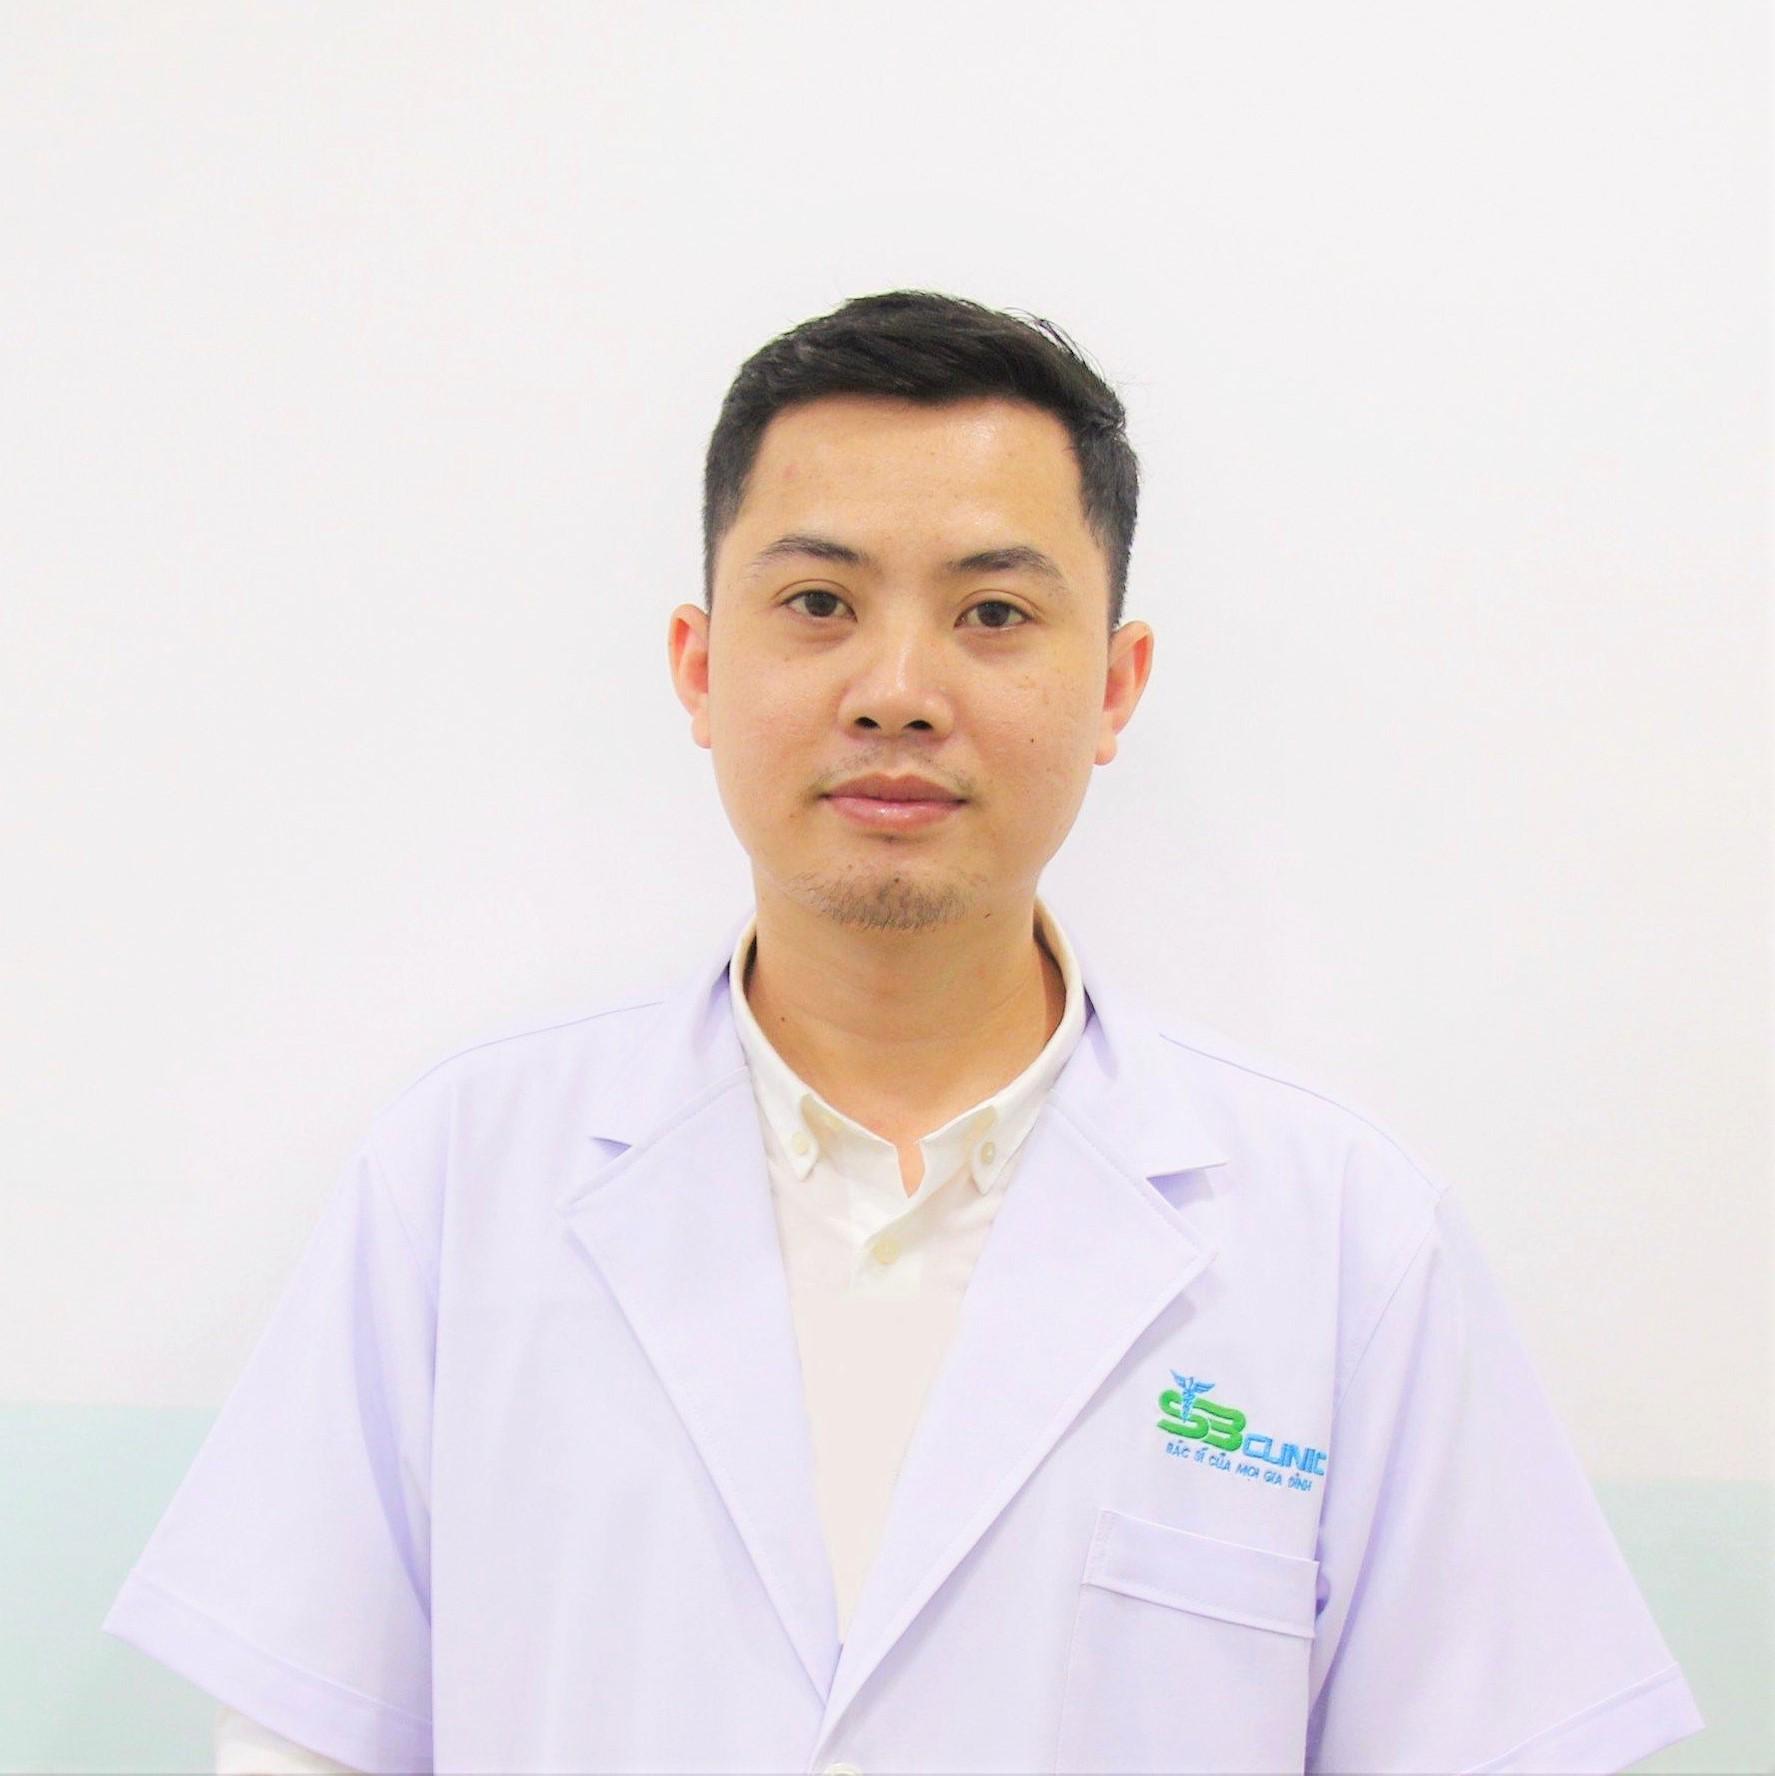 Thạc sĩ, Bác sĩ MAI QUANG HOÀN